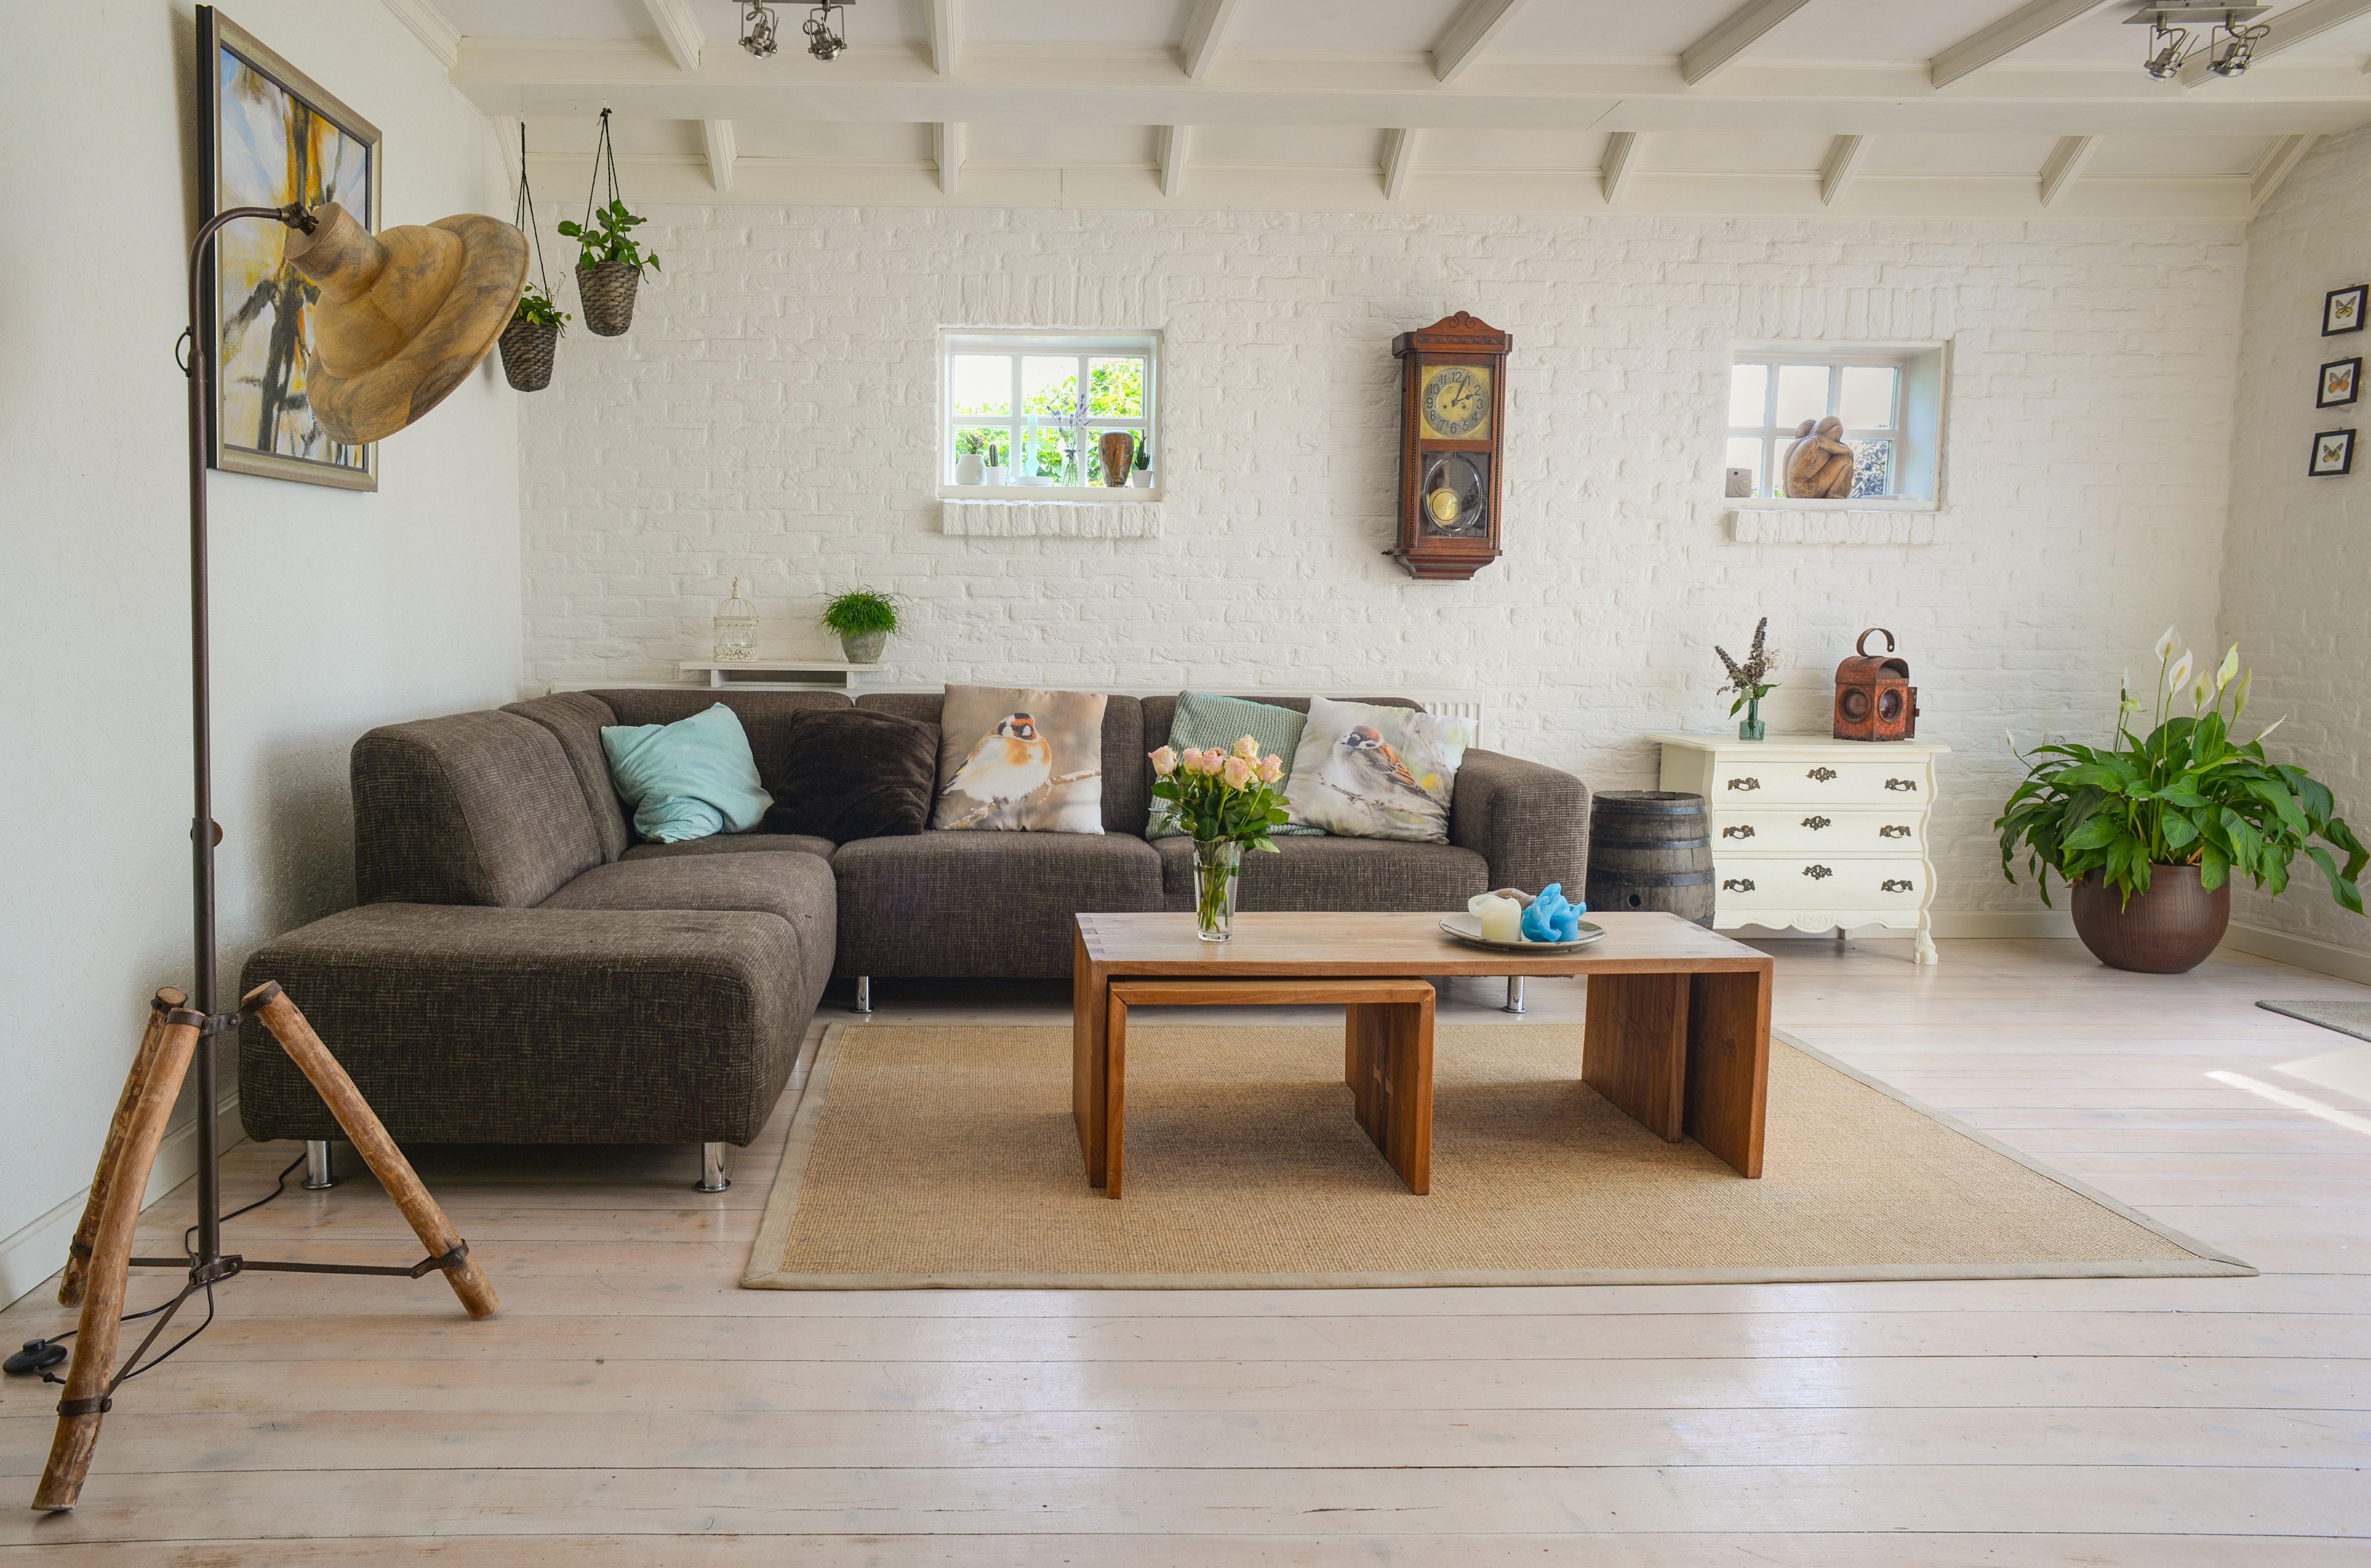 243 Inspiring Furniture Photos · Pexels · Free Stock Photos